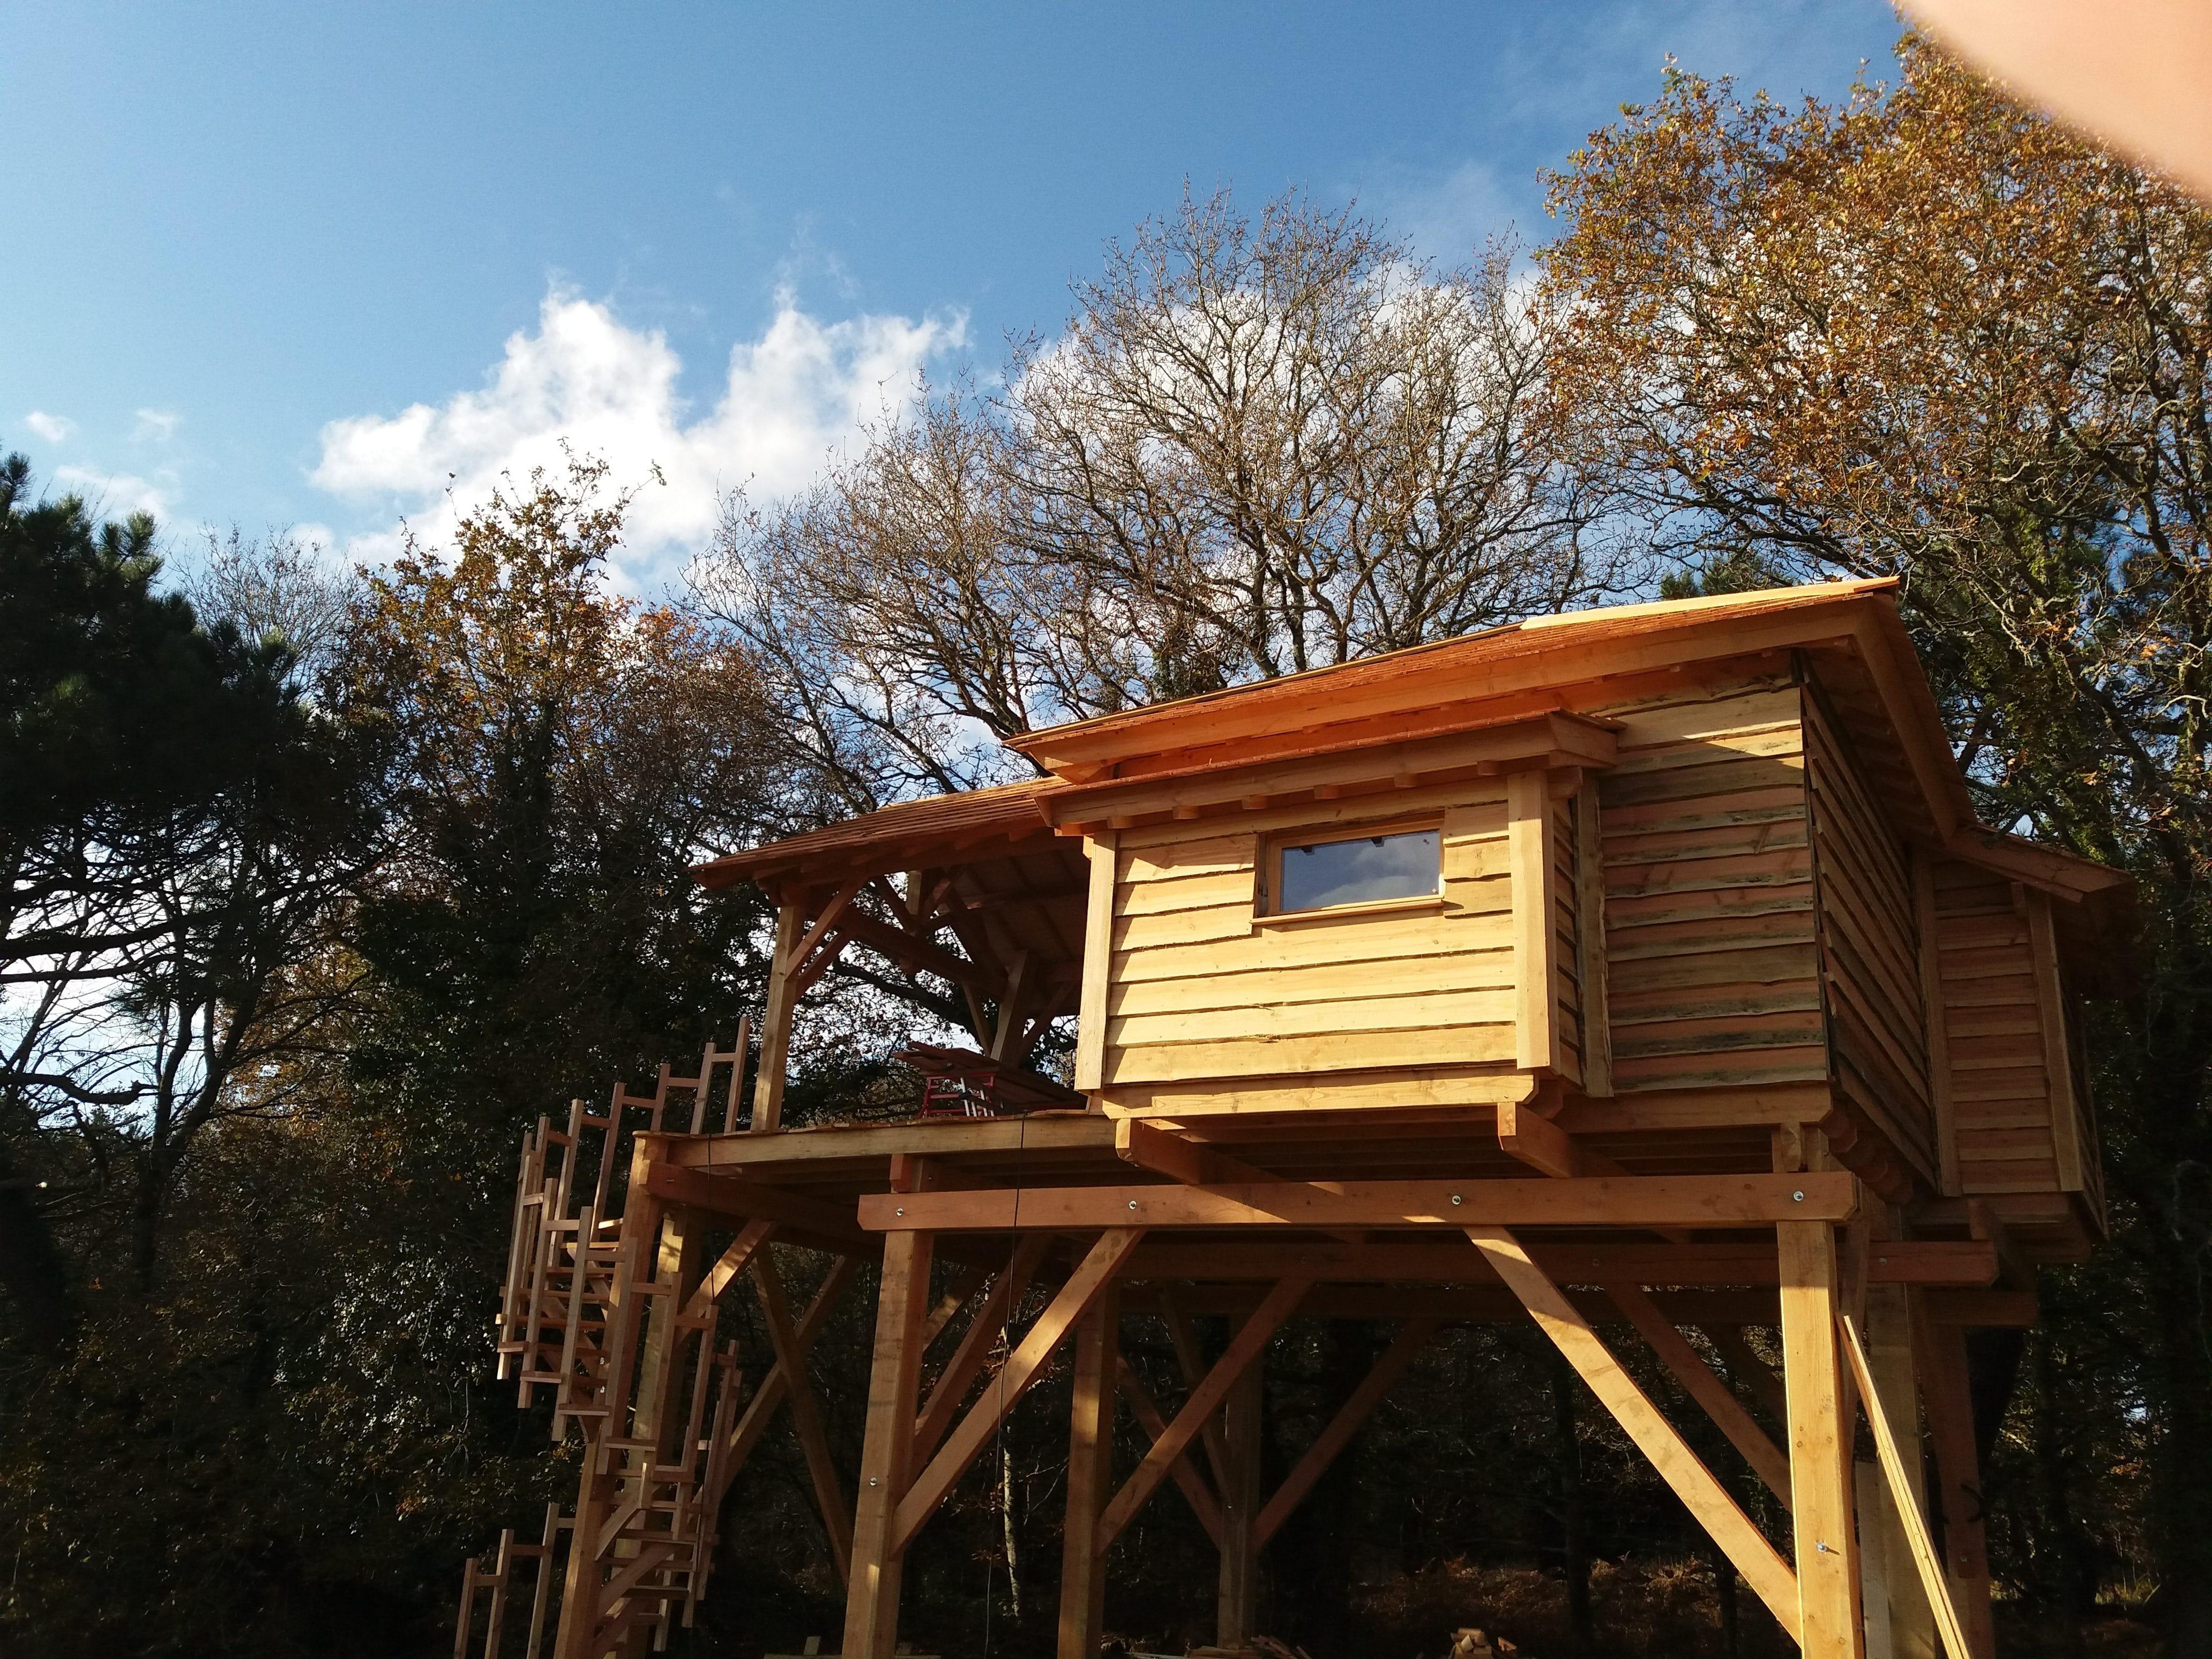 cabane en ty cabanes dans les arbres bretagne. Black Bedroom Furniture Sets. Home Design Ideas